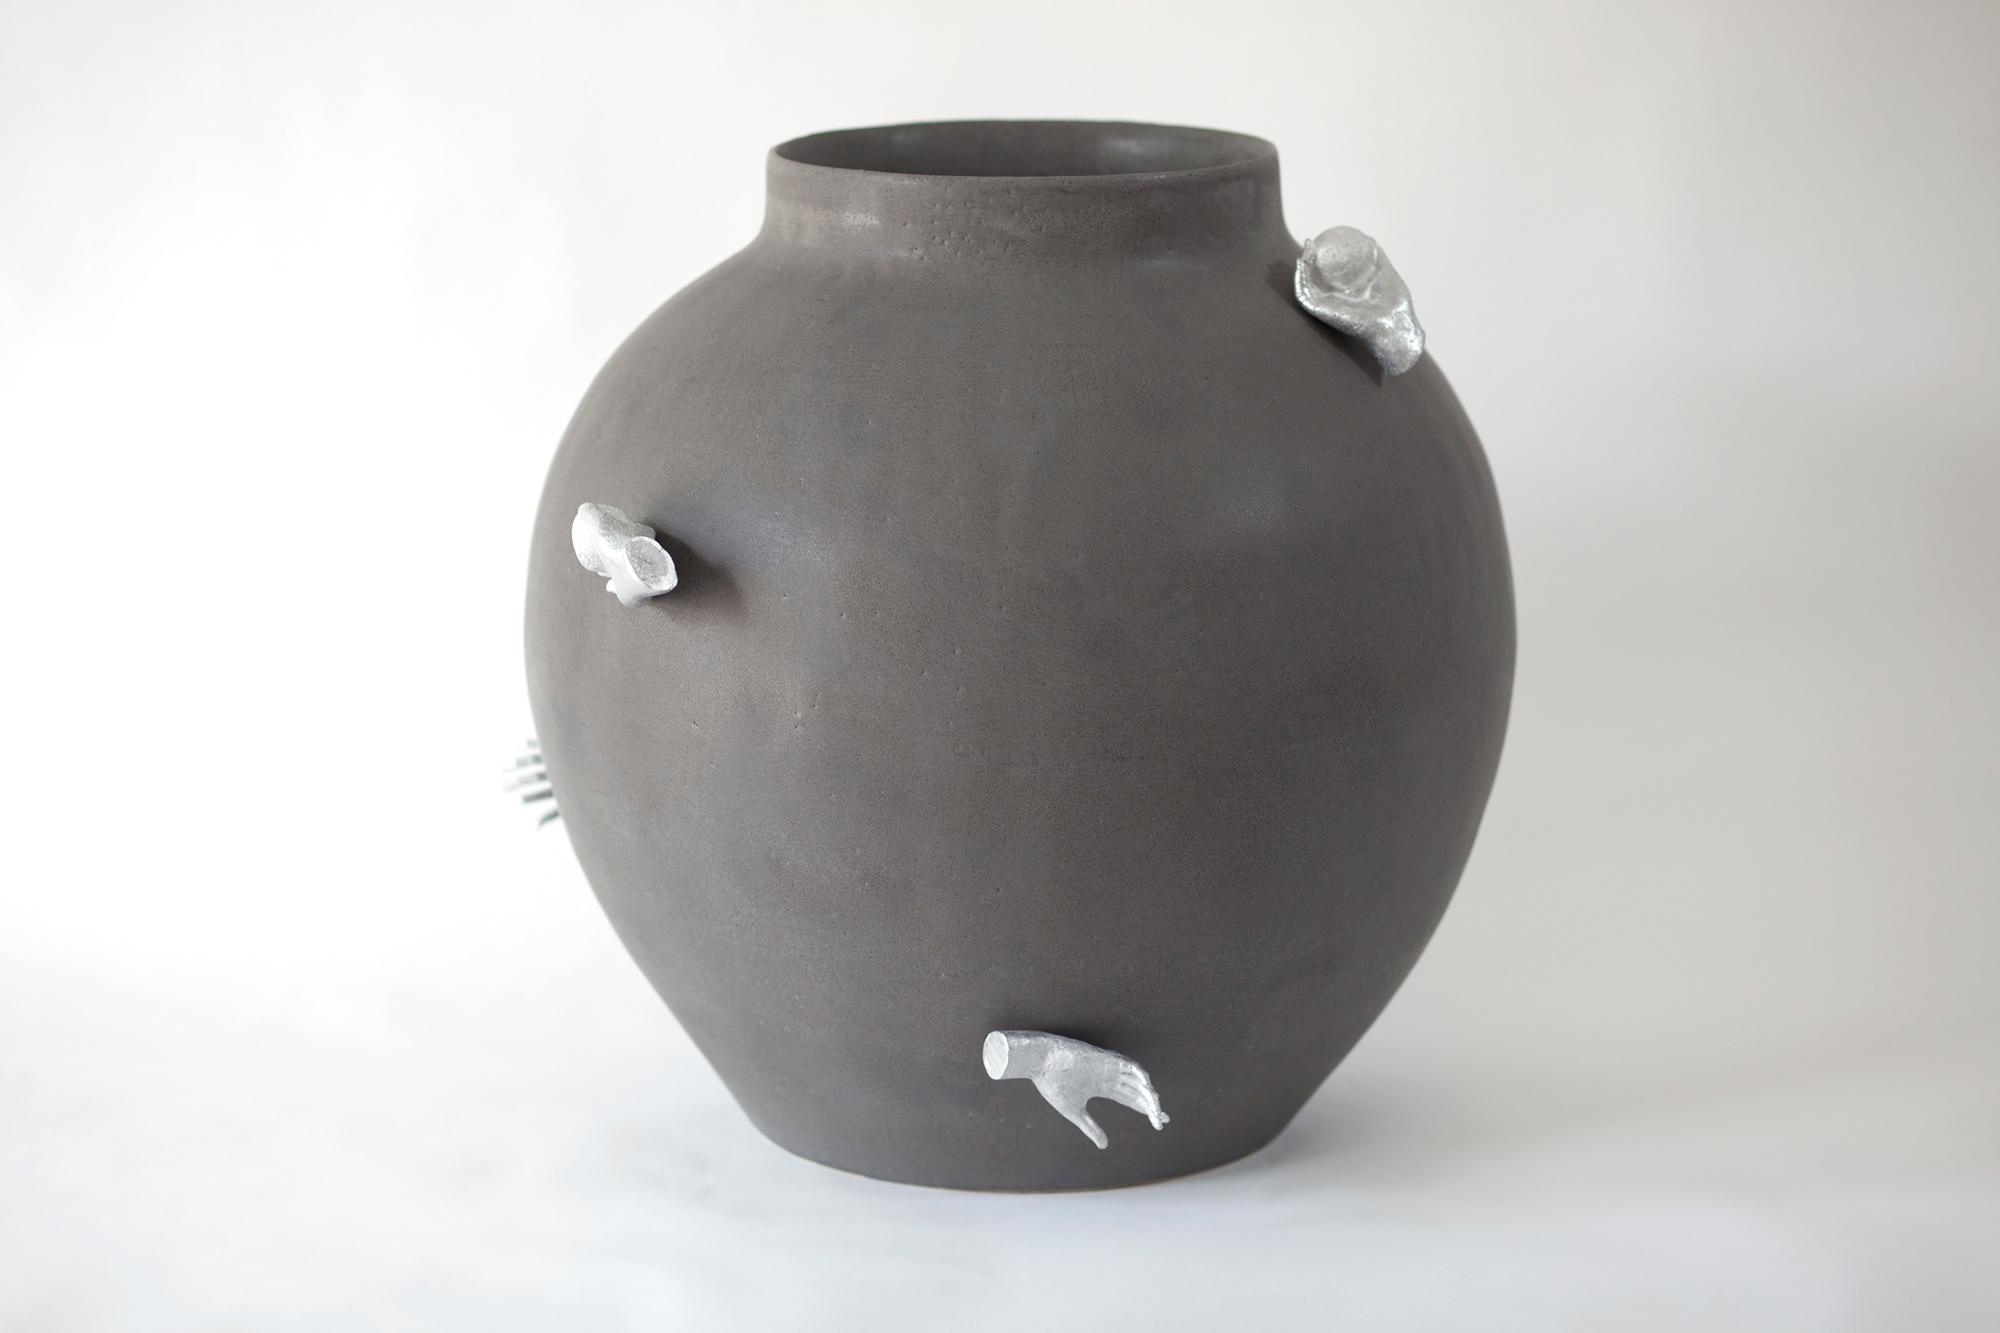 Del Harrow, vase (alum) 01, 2021